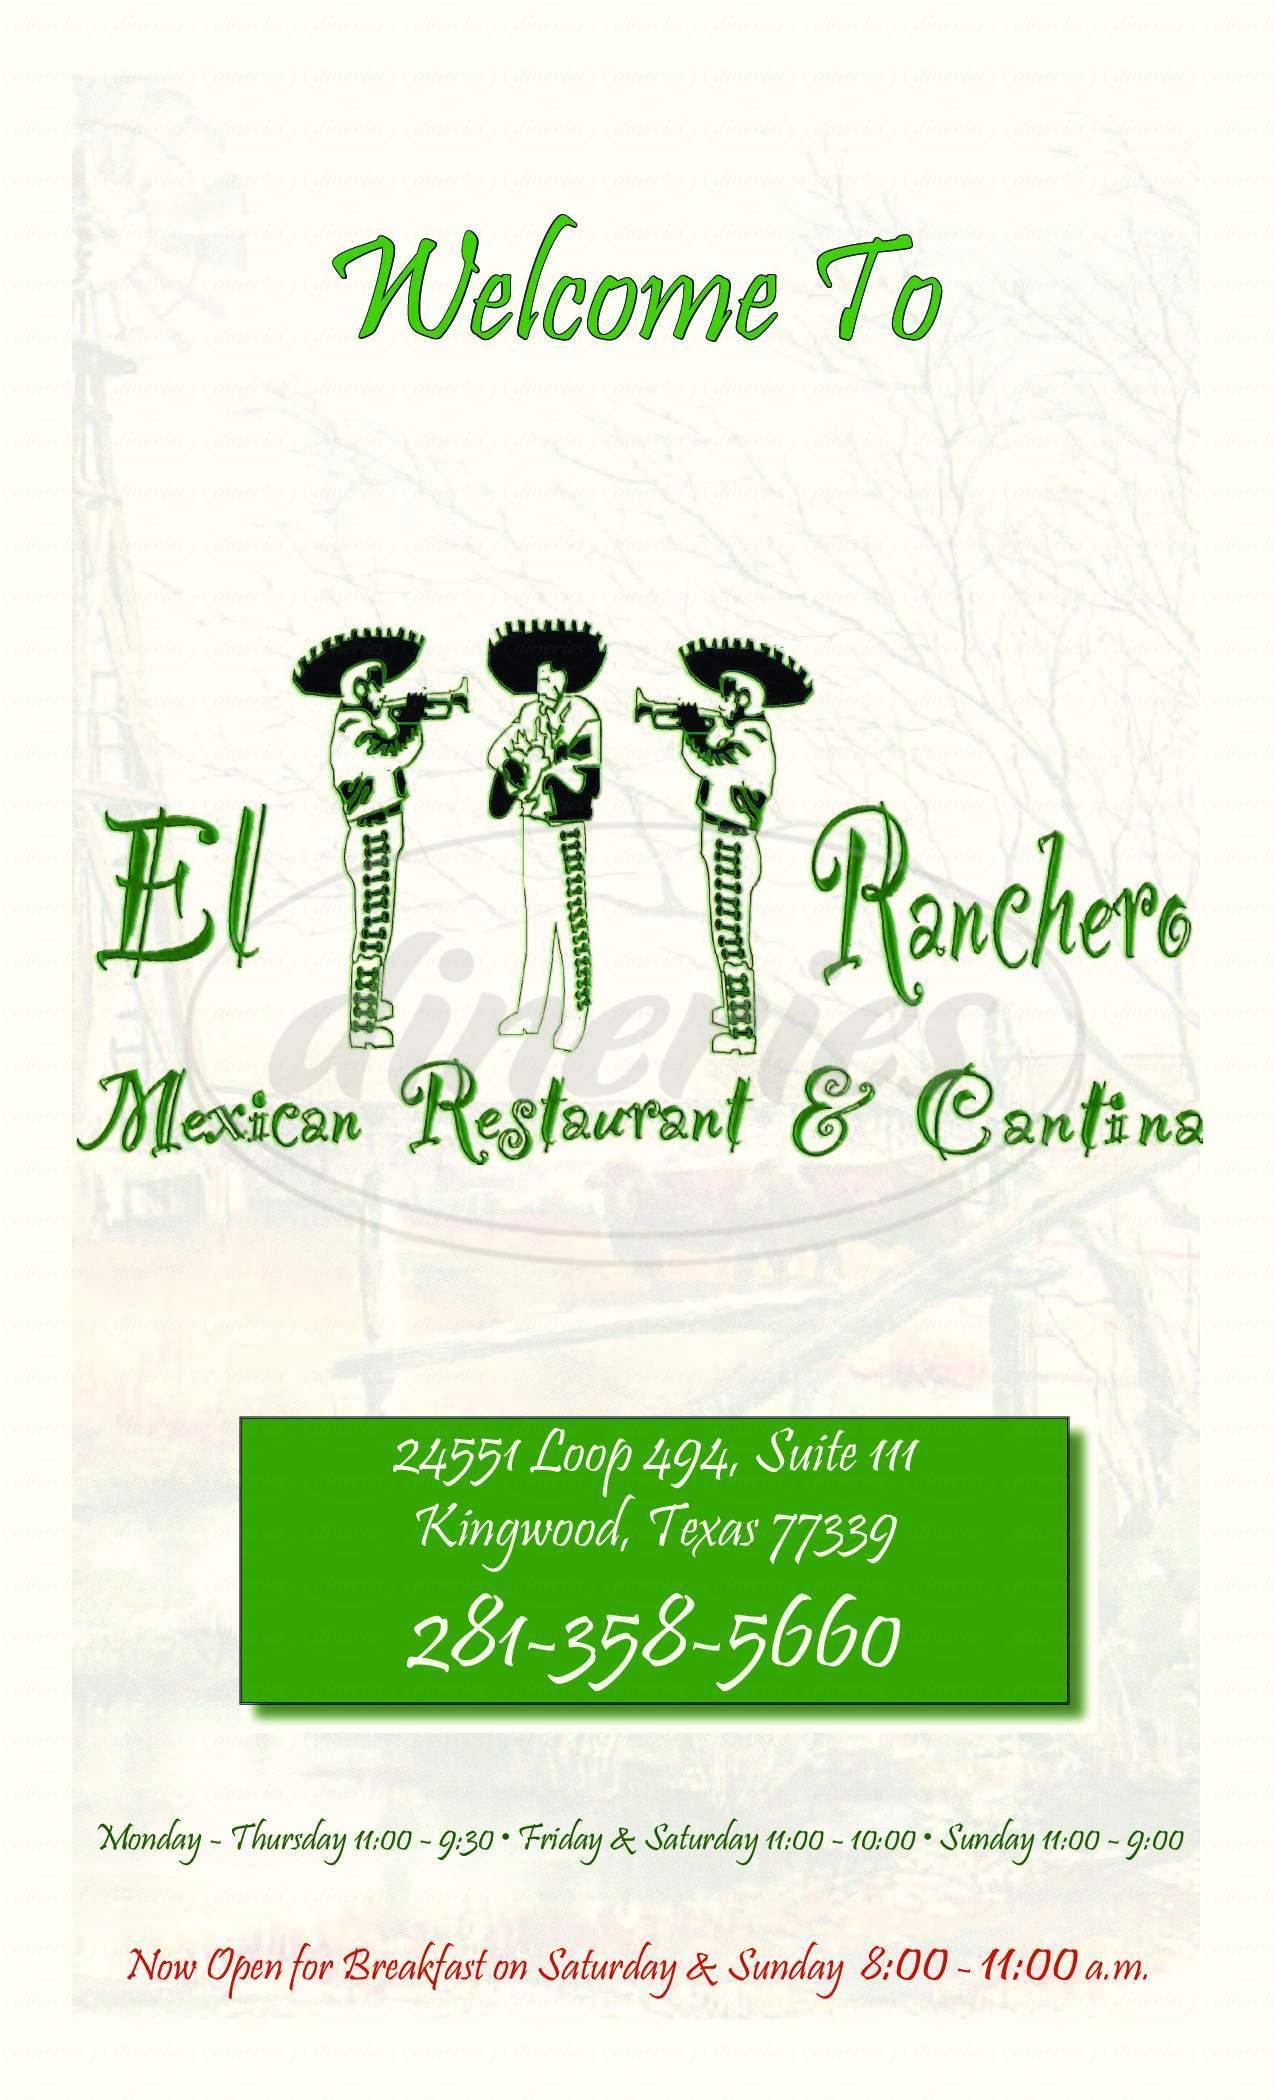 menu for El Ranchero Mexican Restaurant